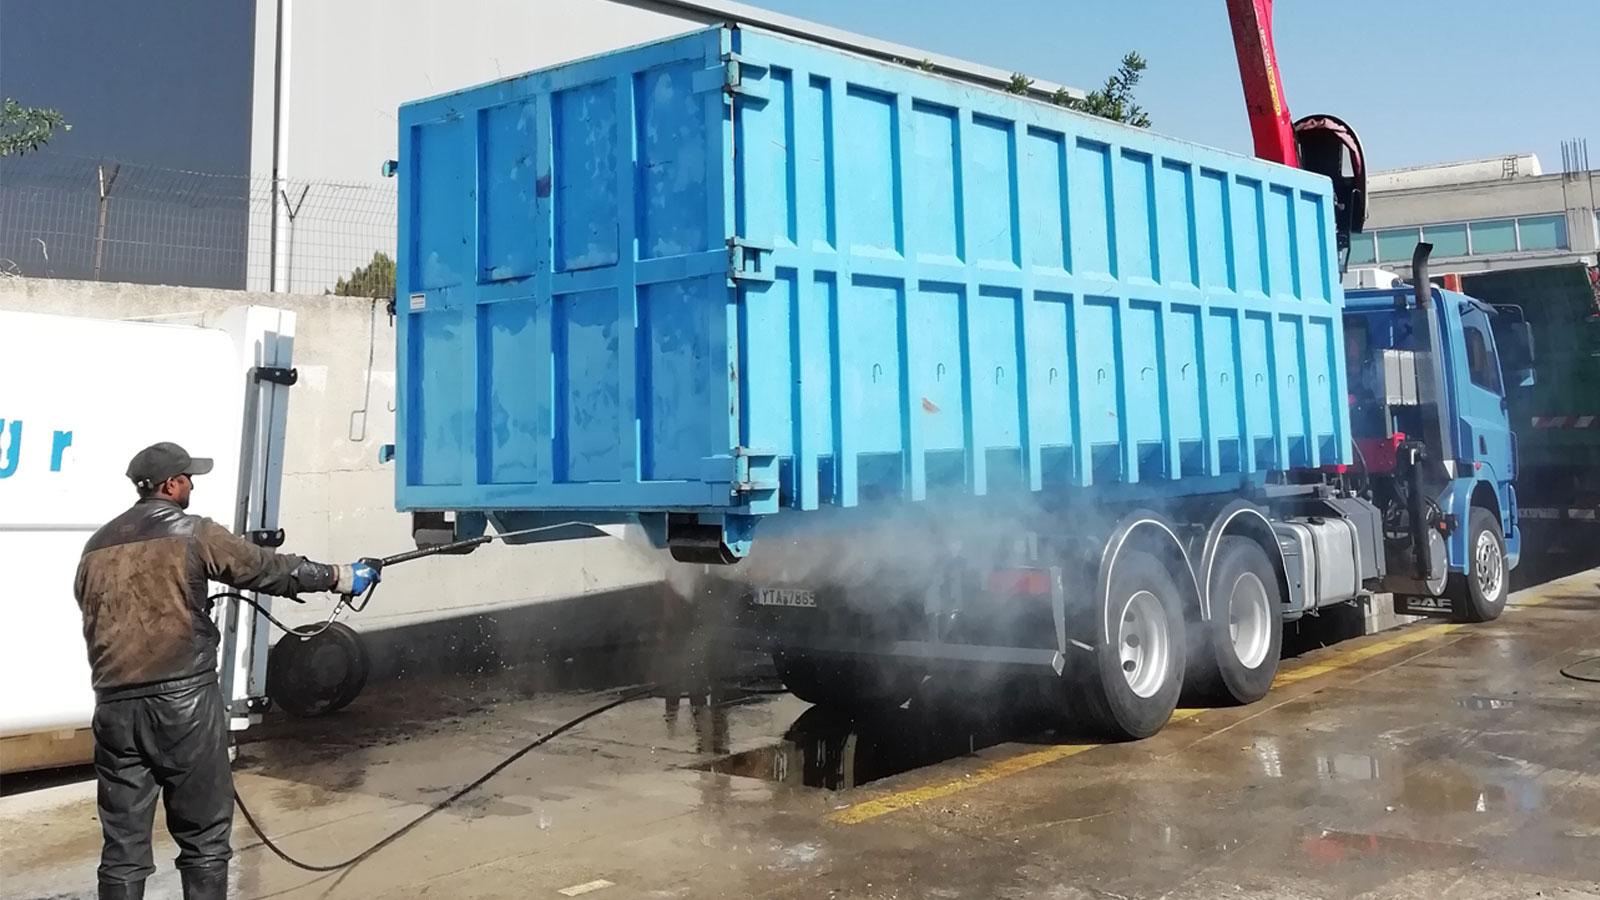 Στις εγκαταστάσεις της εταιρείας στον Ασπρόπυργο λειτουργείπλυντήριο και λιπαντήριο φορτηγών.